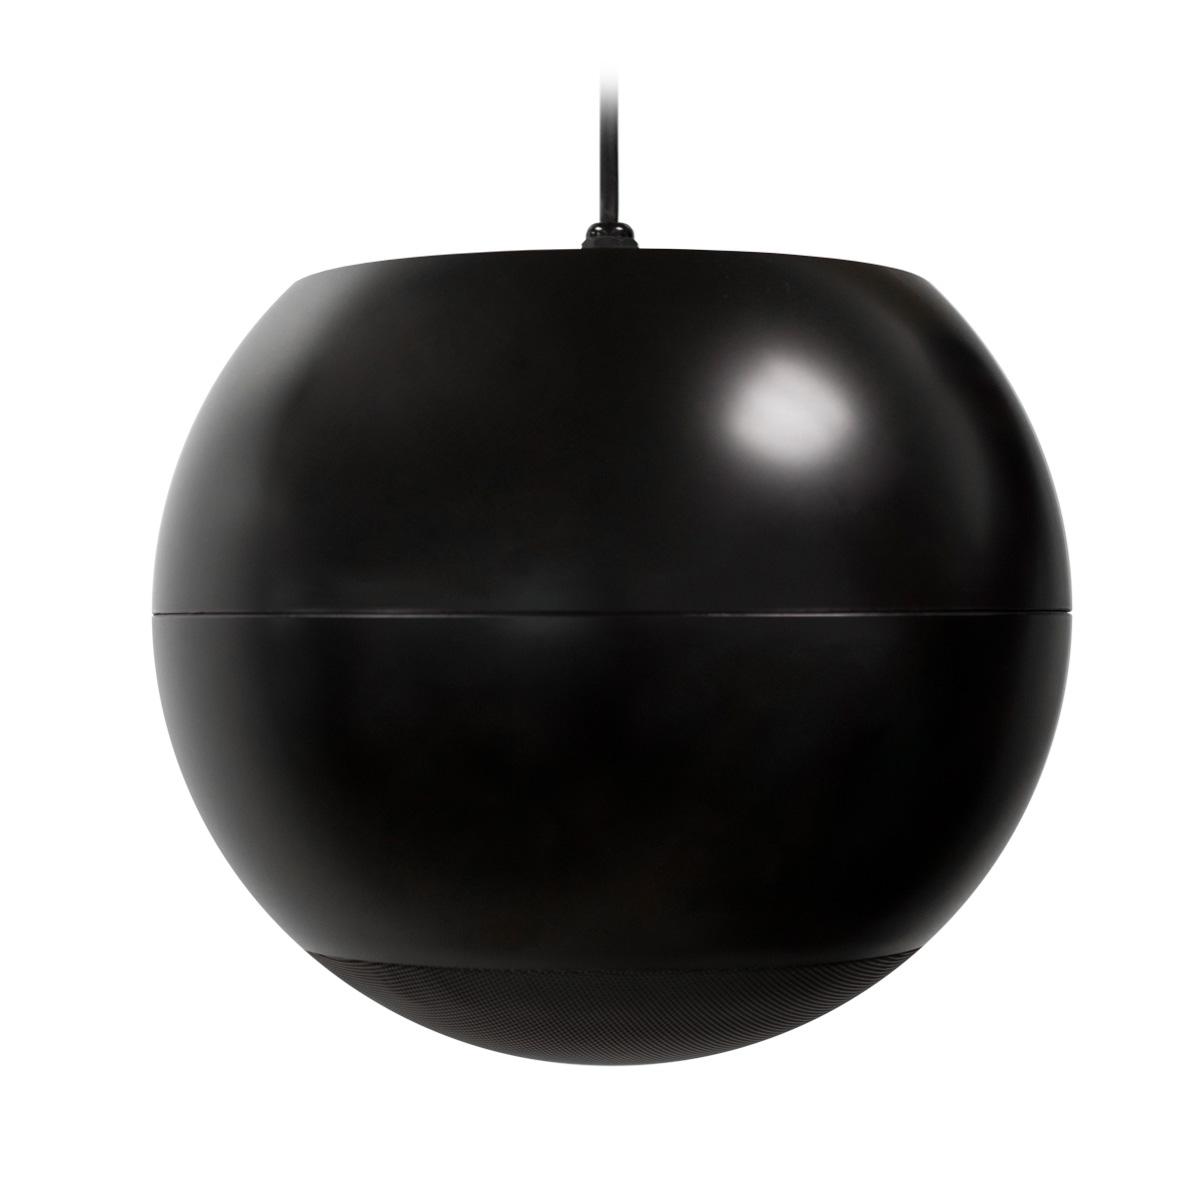 Ecler eUC106BK - Подвесной всепогодный сферический громкоговоритель 40 Вт – 8 Ом, 32 Вт – 100 В